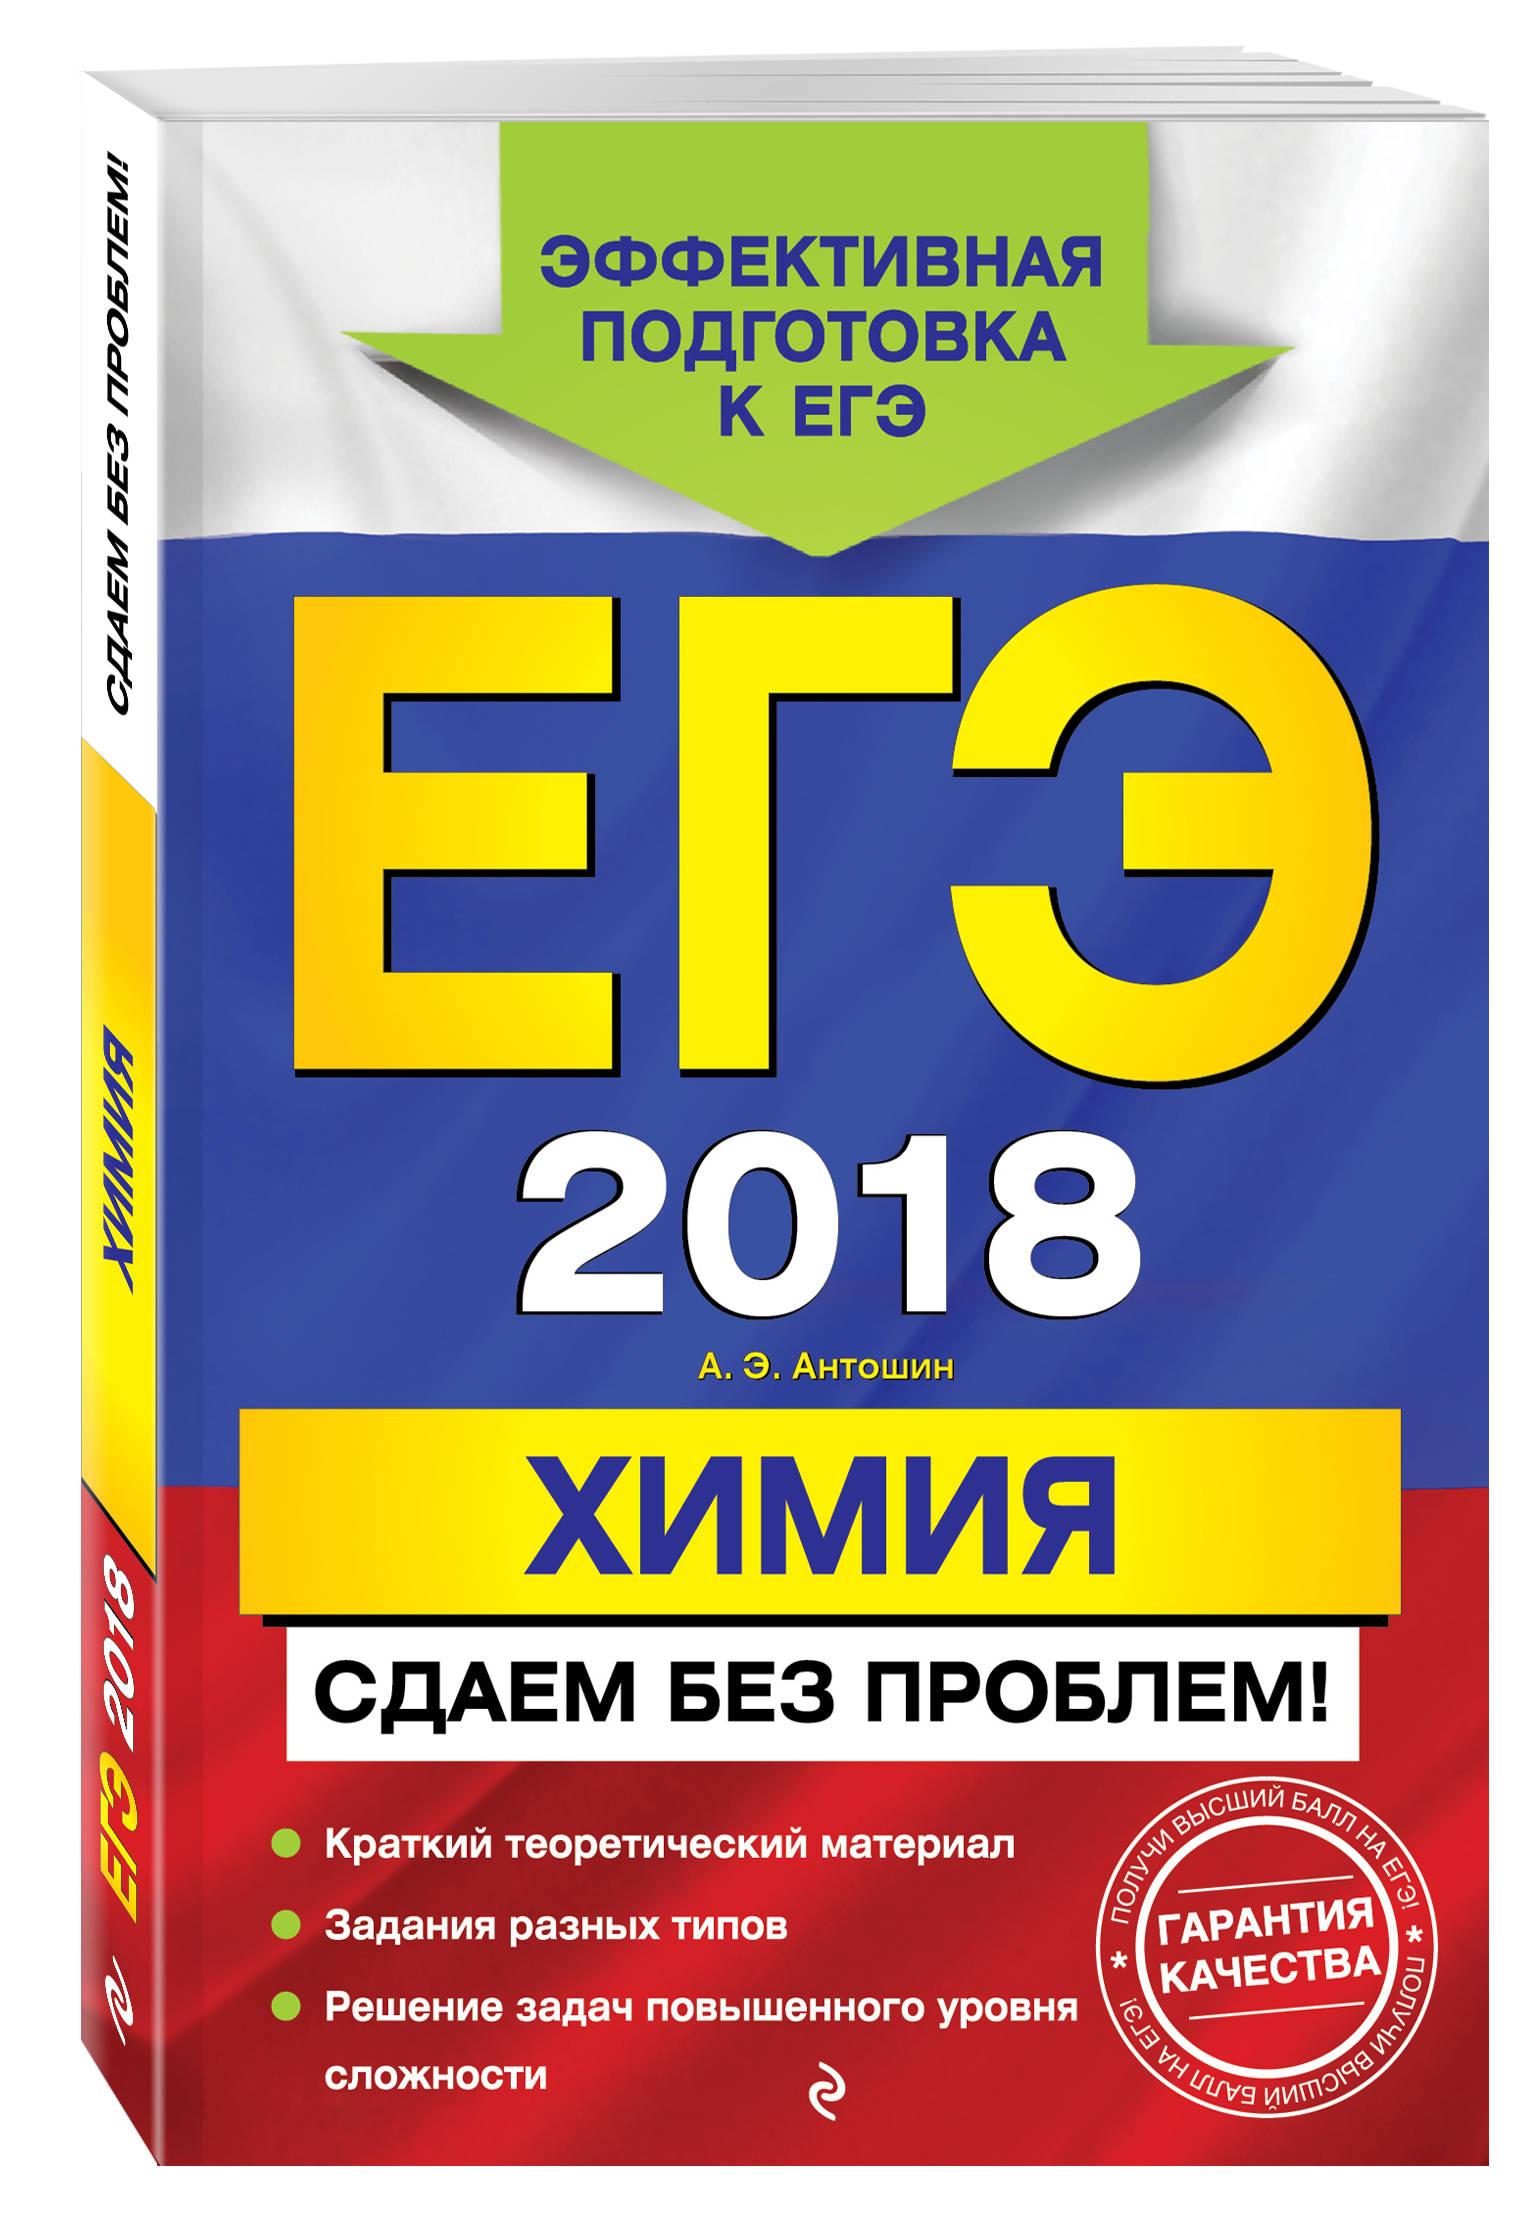 ЕГЭ-2018. Химия. Сдаем без проблем! ( Антошин А.Э.  )